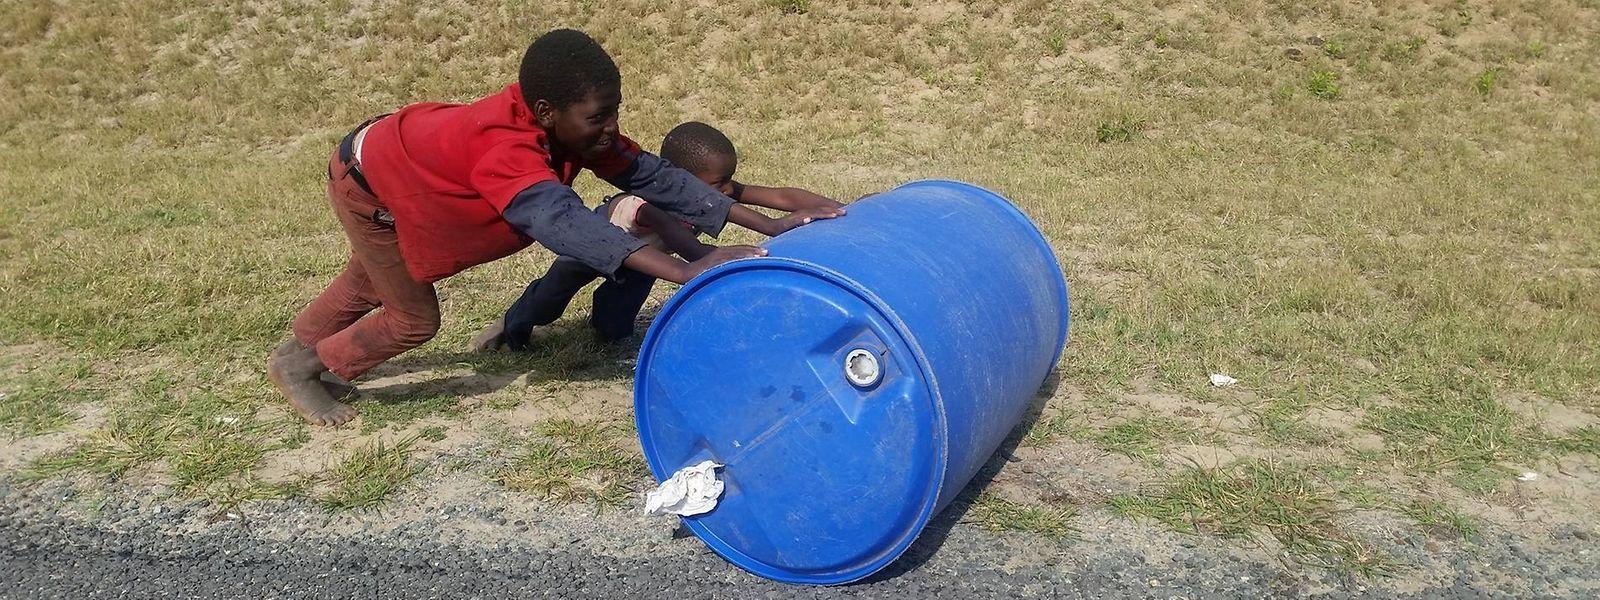 """Bilder wie dieses führten zur Gründung von """"Izulu Water"""" von Yasmine Hémès: Jeder sollte Zugang zu sauberem Wasser haben – an seinem Wohnort."""